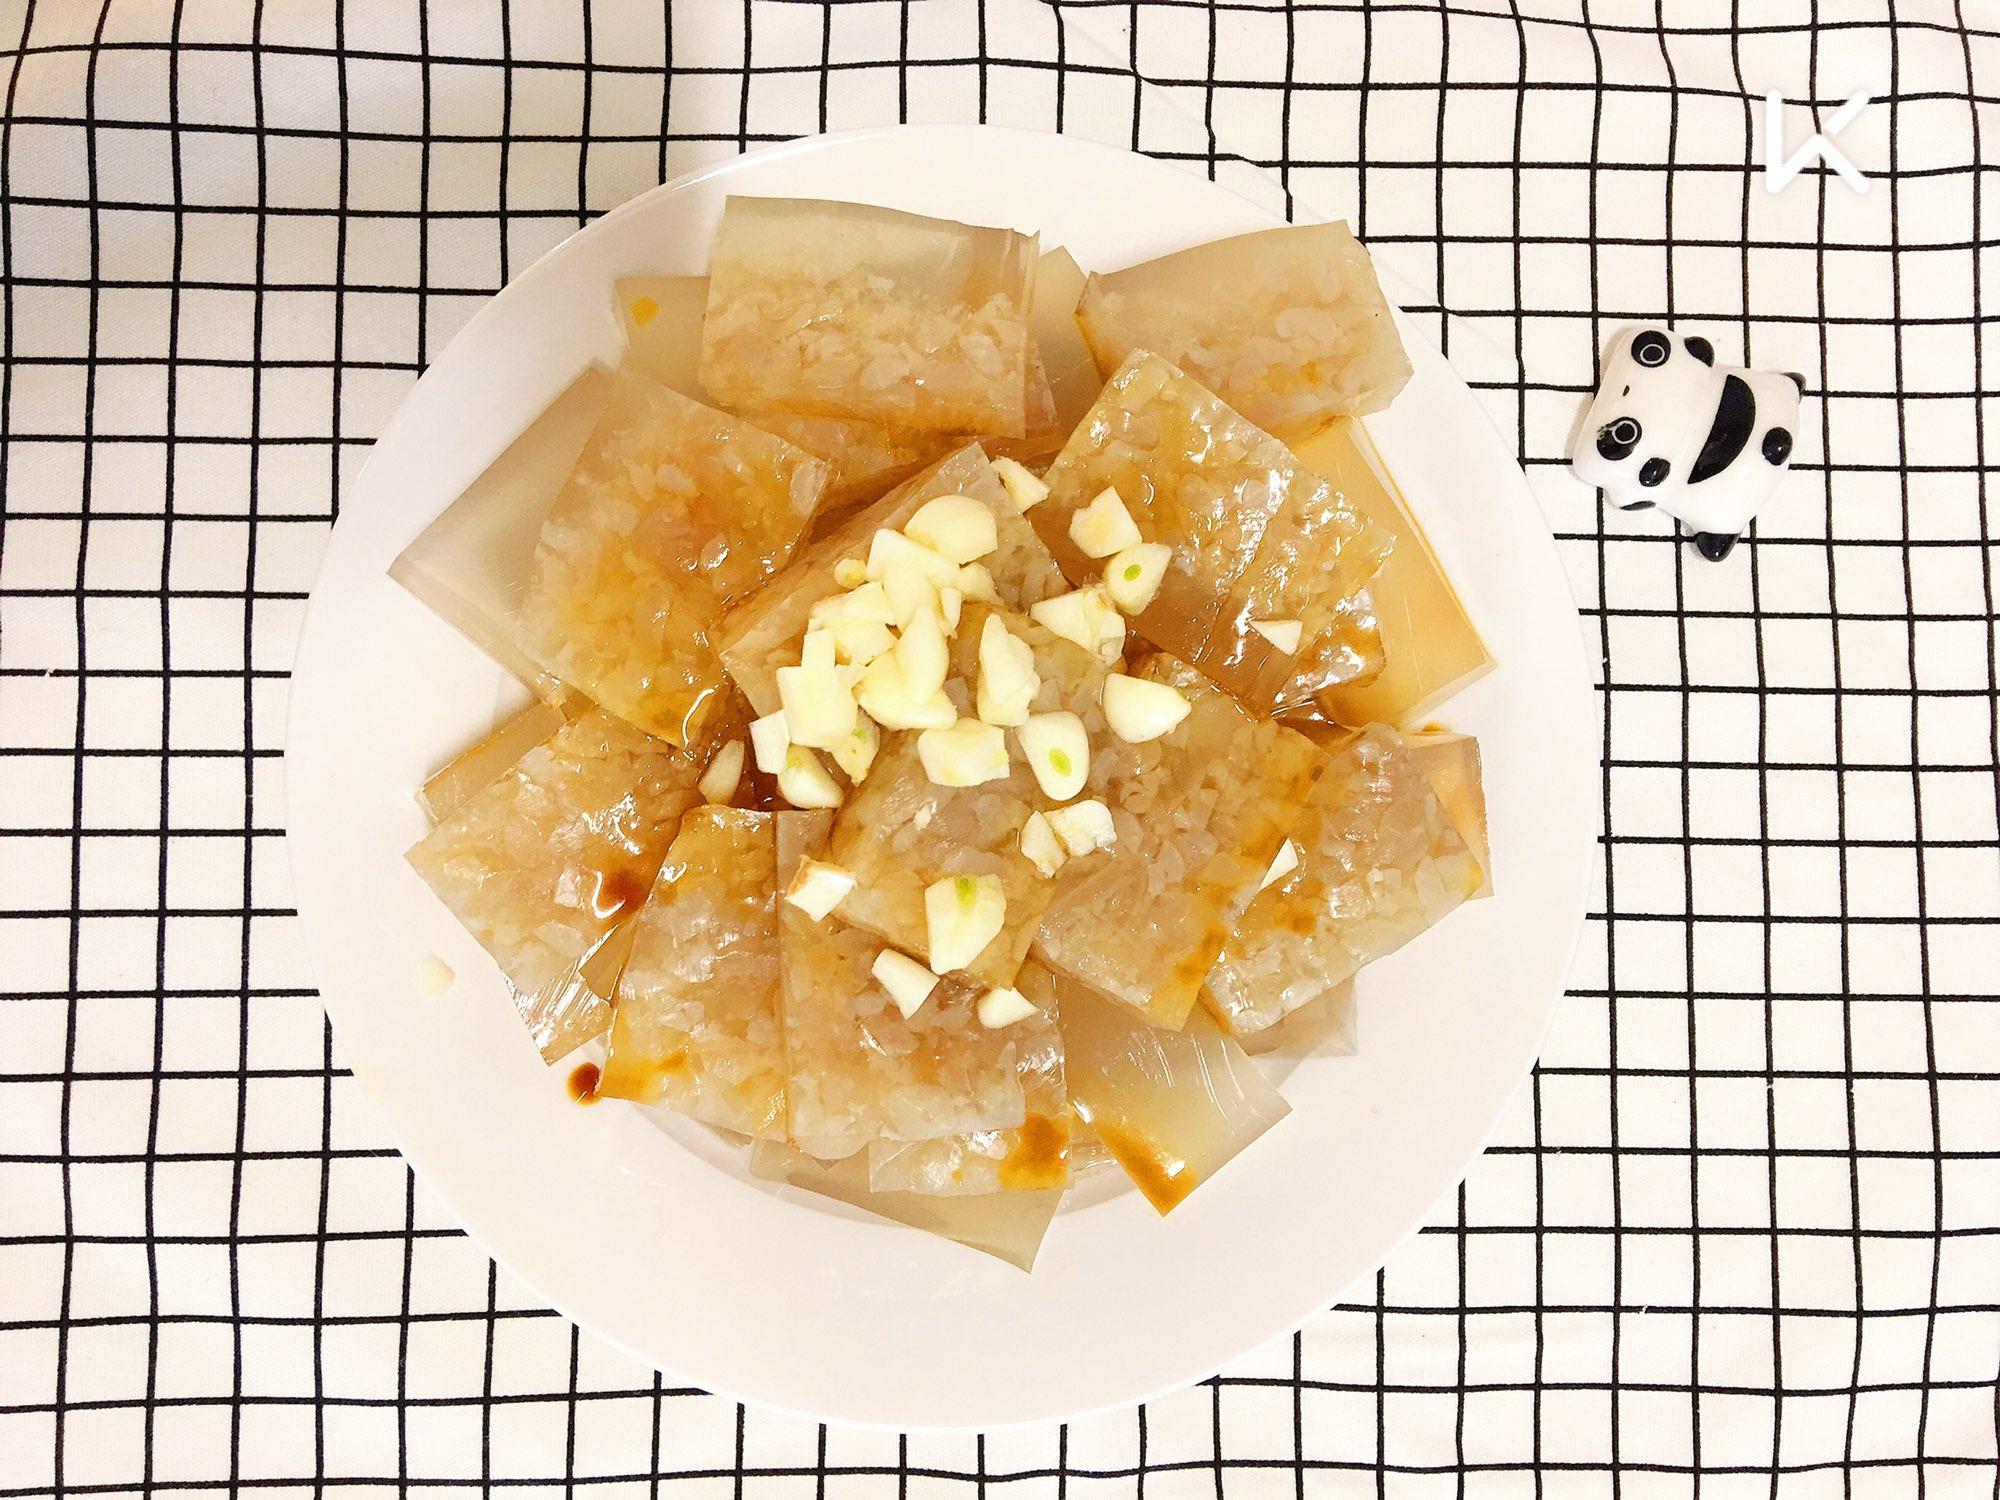 午餐: 鸡蛋羹卤味拼盘水晶皮冻杂粮馒头  今天的鸡蛋羹气孔还是太大